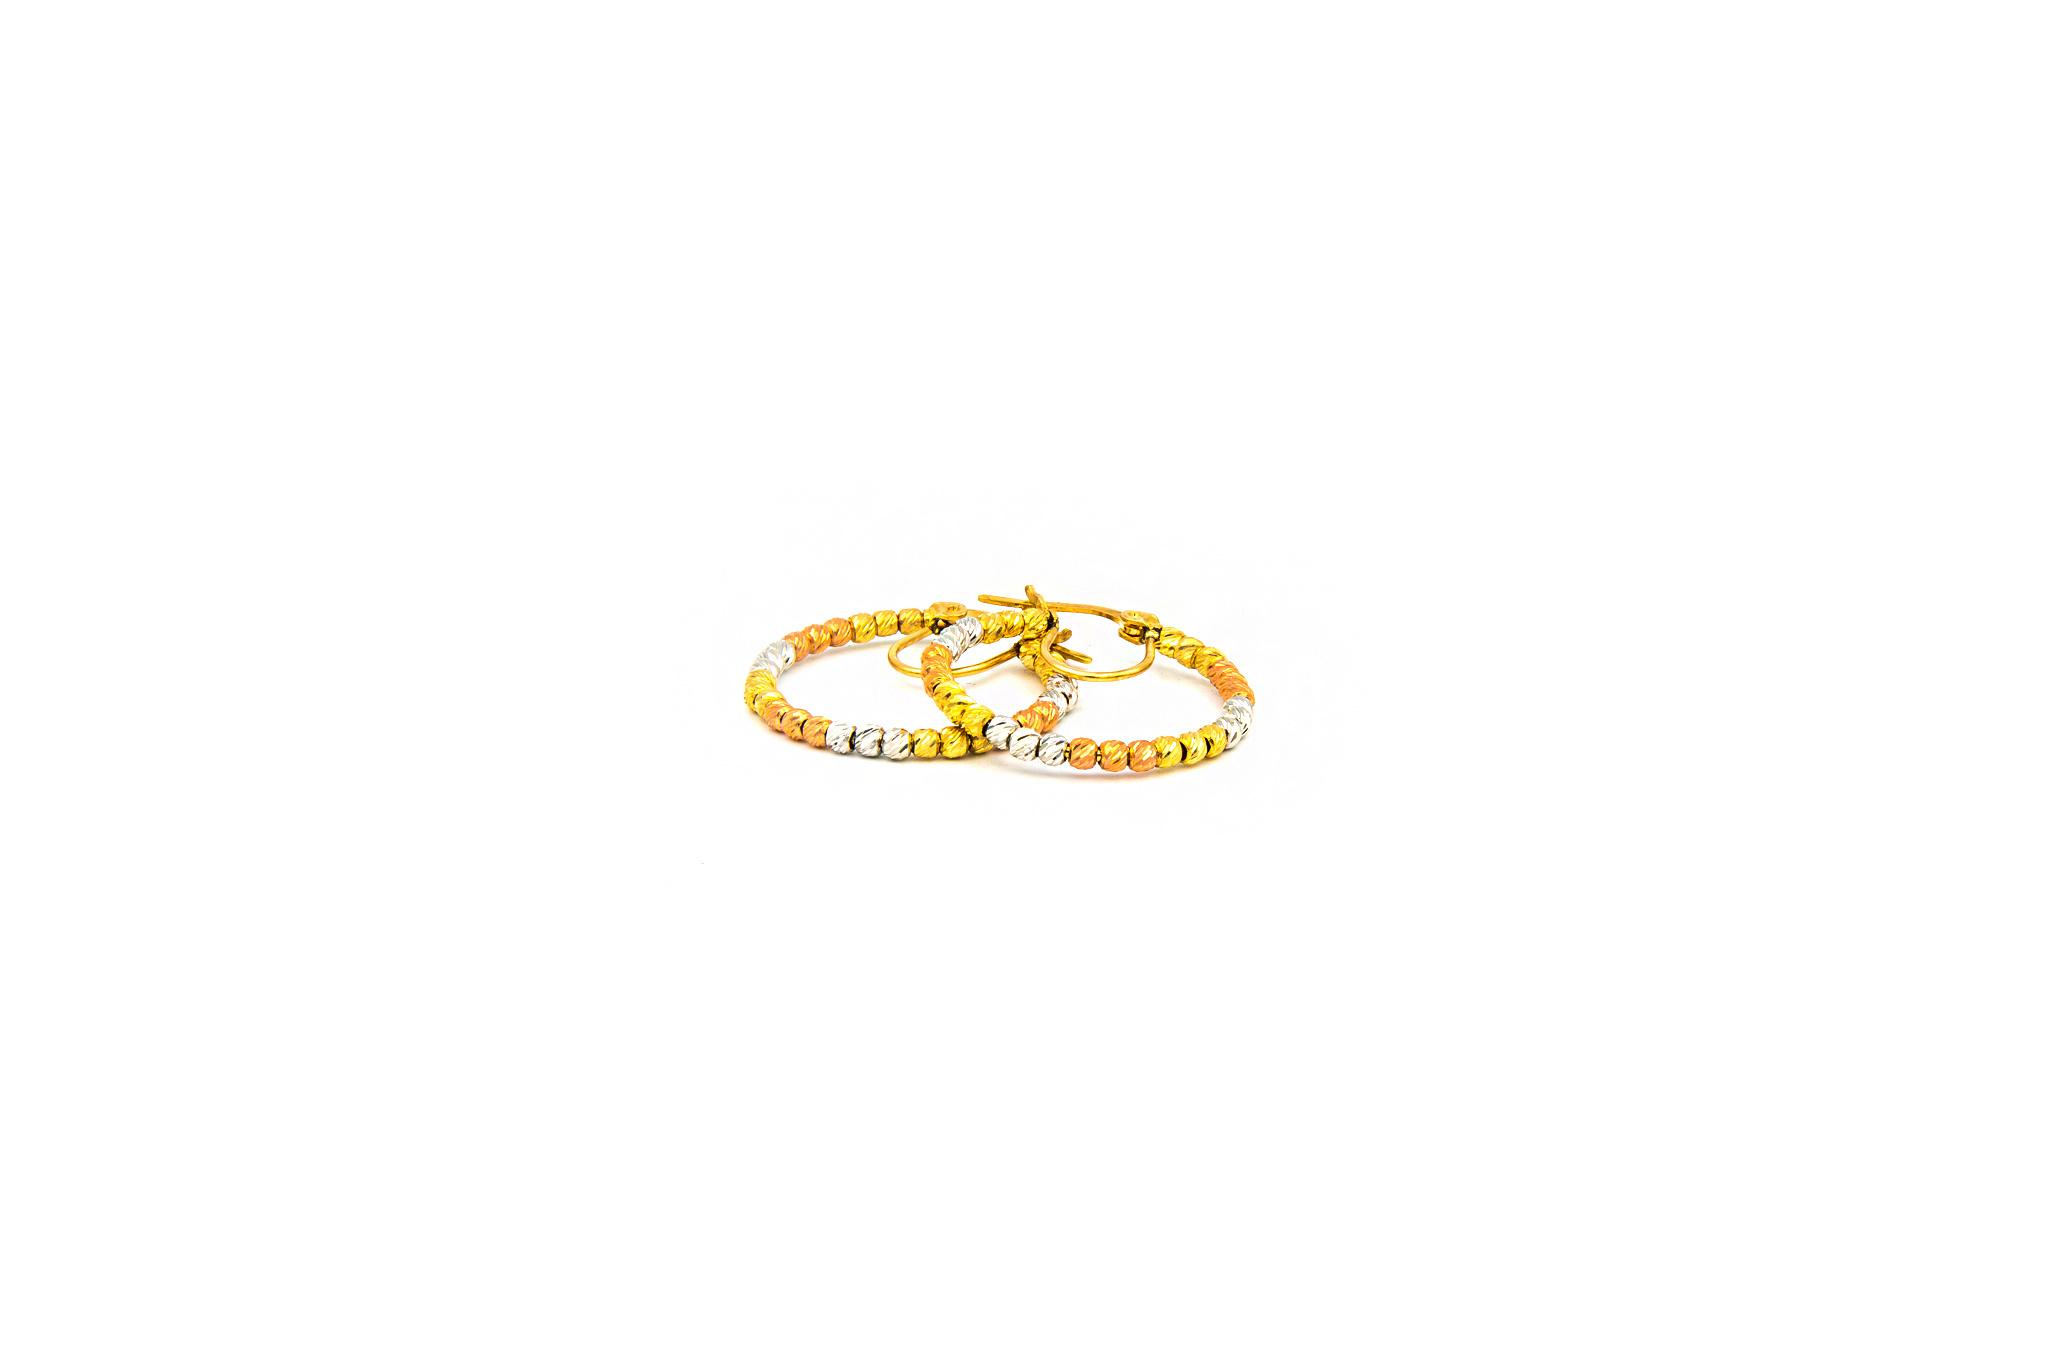 Oorbellen creolen tricolor gediamanteerde creolen large-3